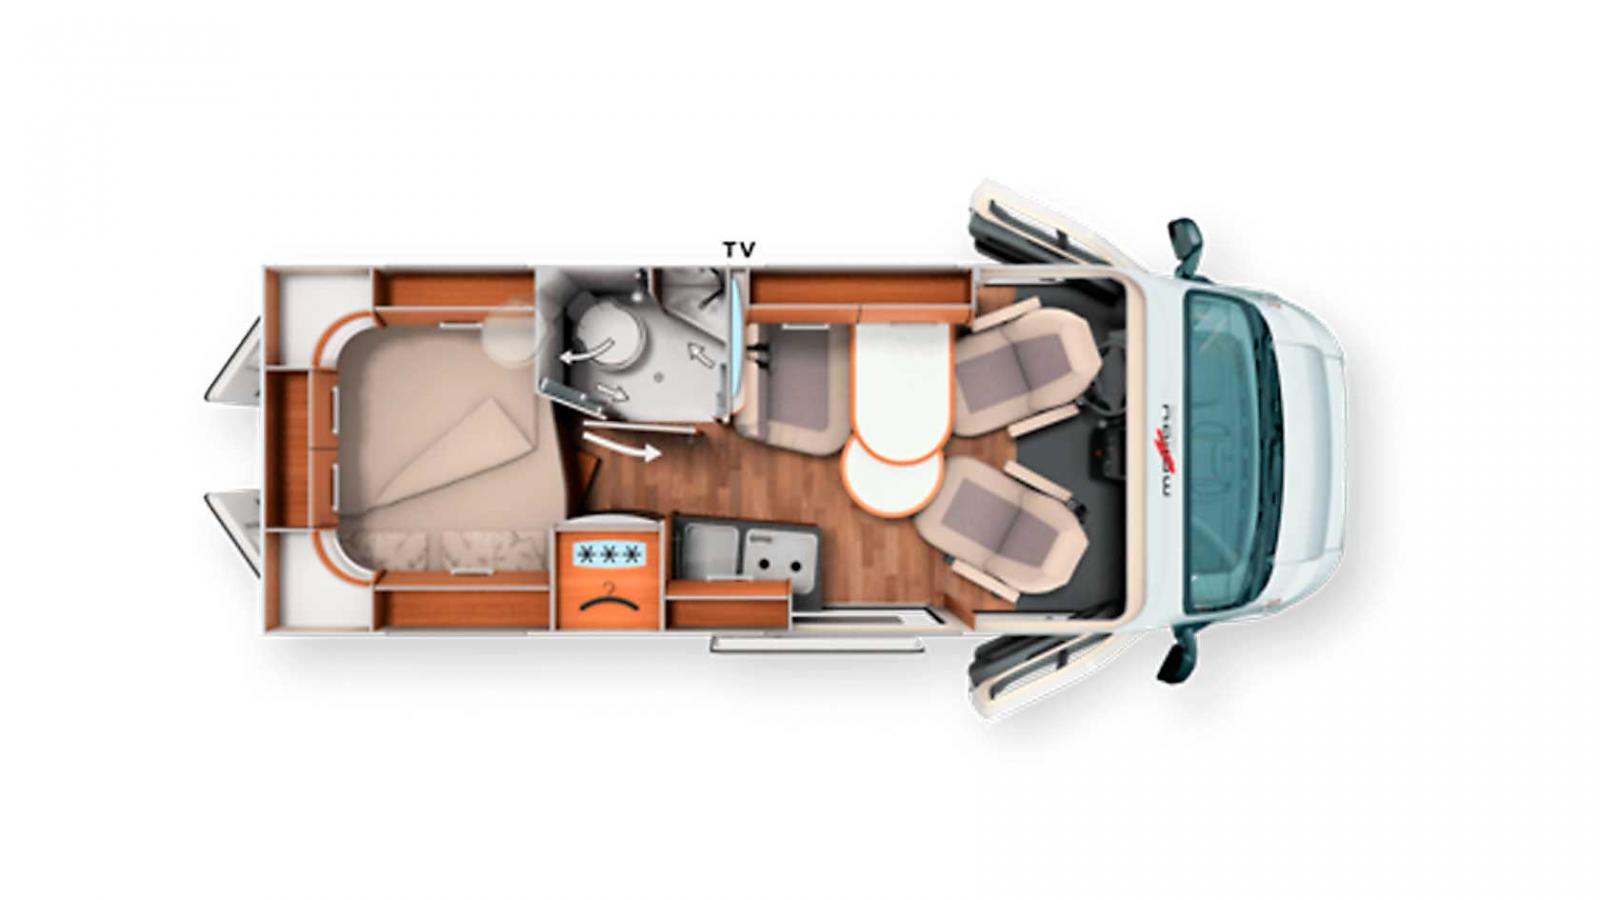 Mellanlängden 600 har större badrum, högt placerad kylskåp och rymlig garderob under kylen.